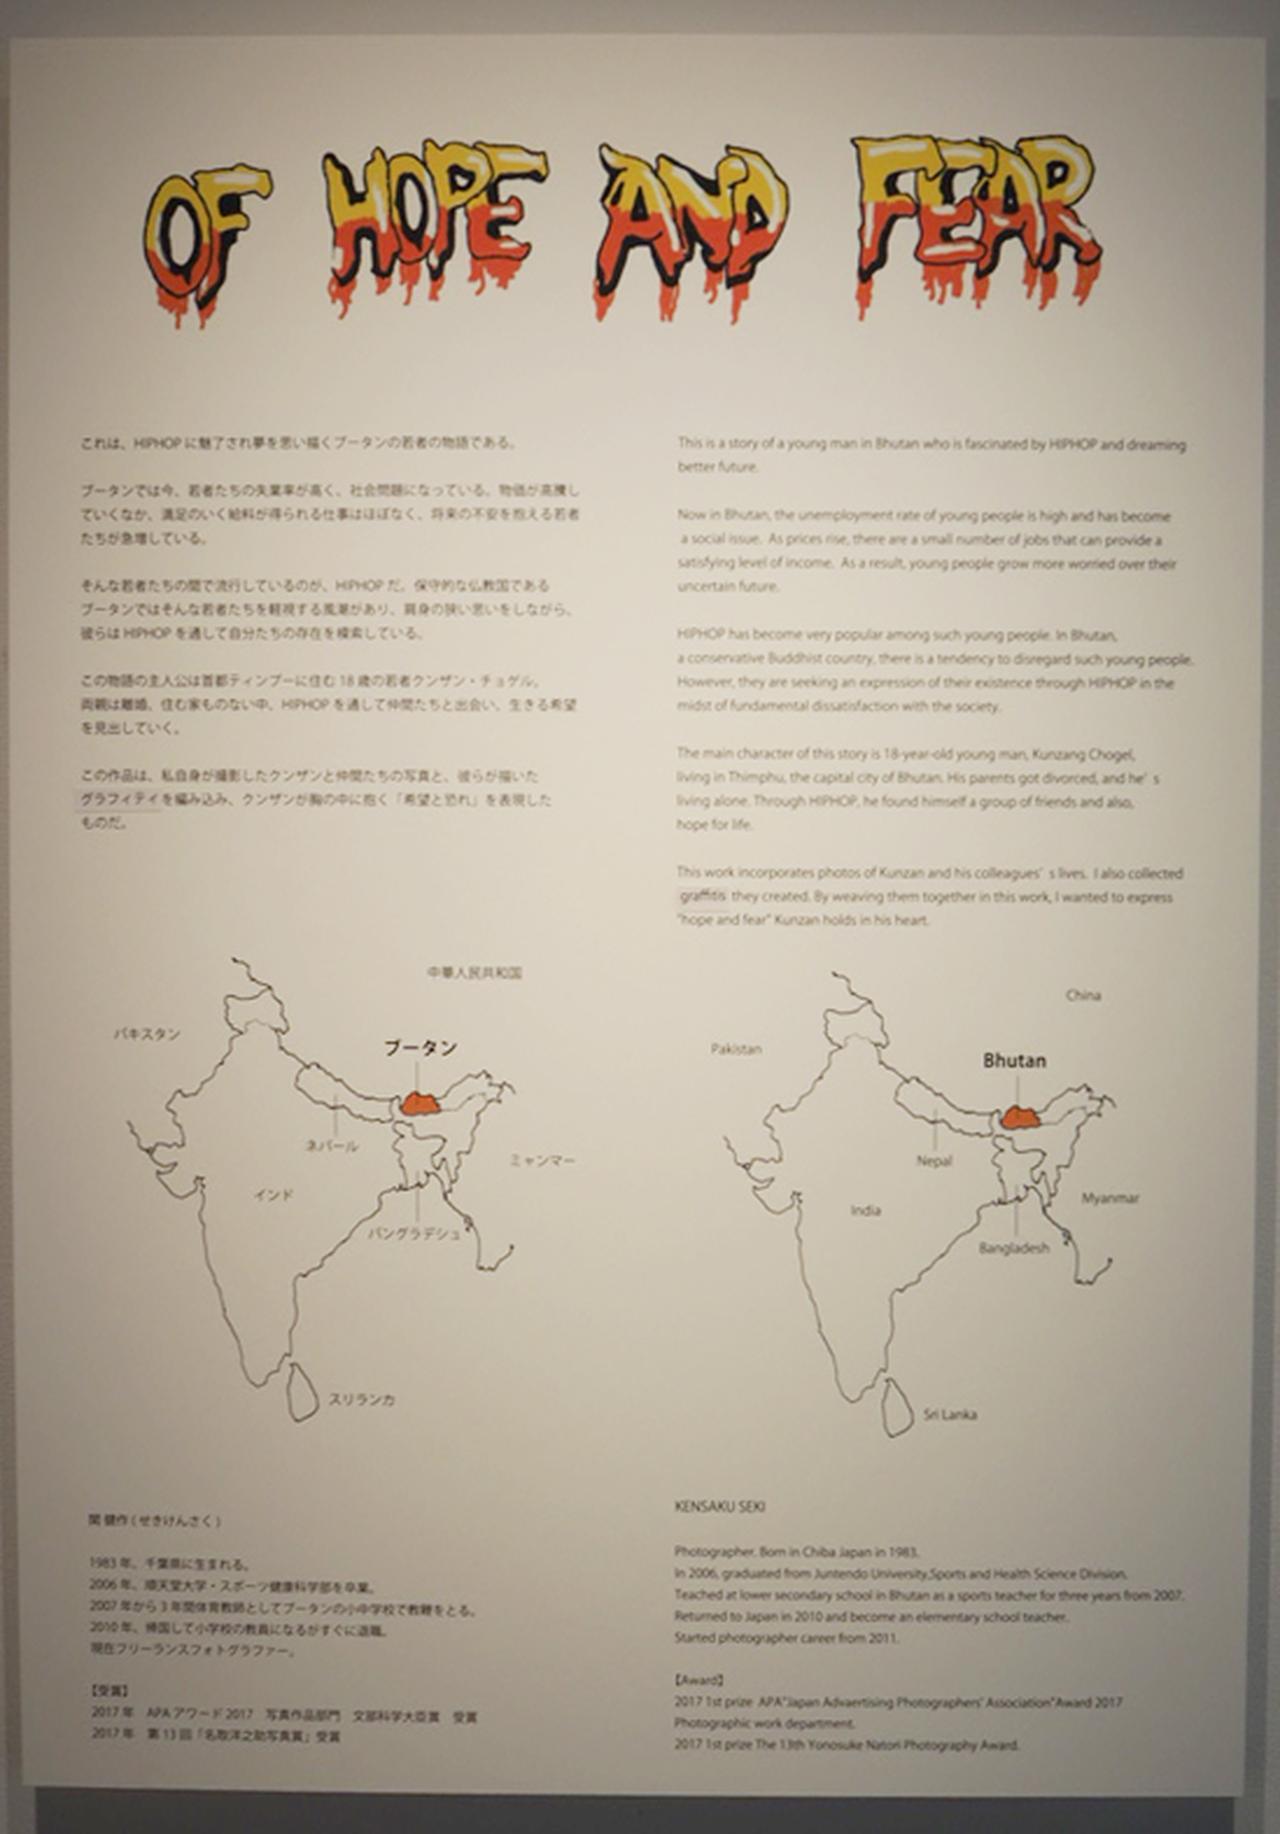 画像2: 関 健作 写真展『OF HOPE AND FEAR』 2018年3月28日(水) 〜 4月 3日(火)  銀座ニコンサロン